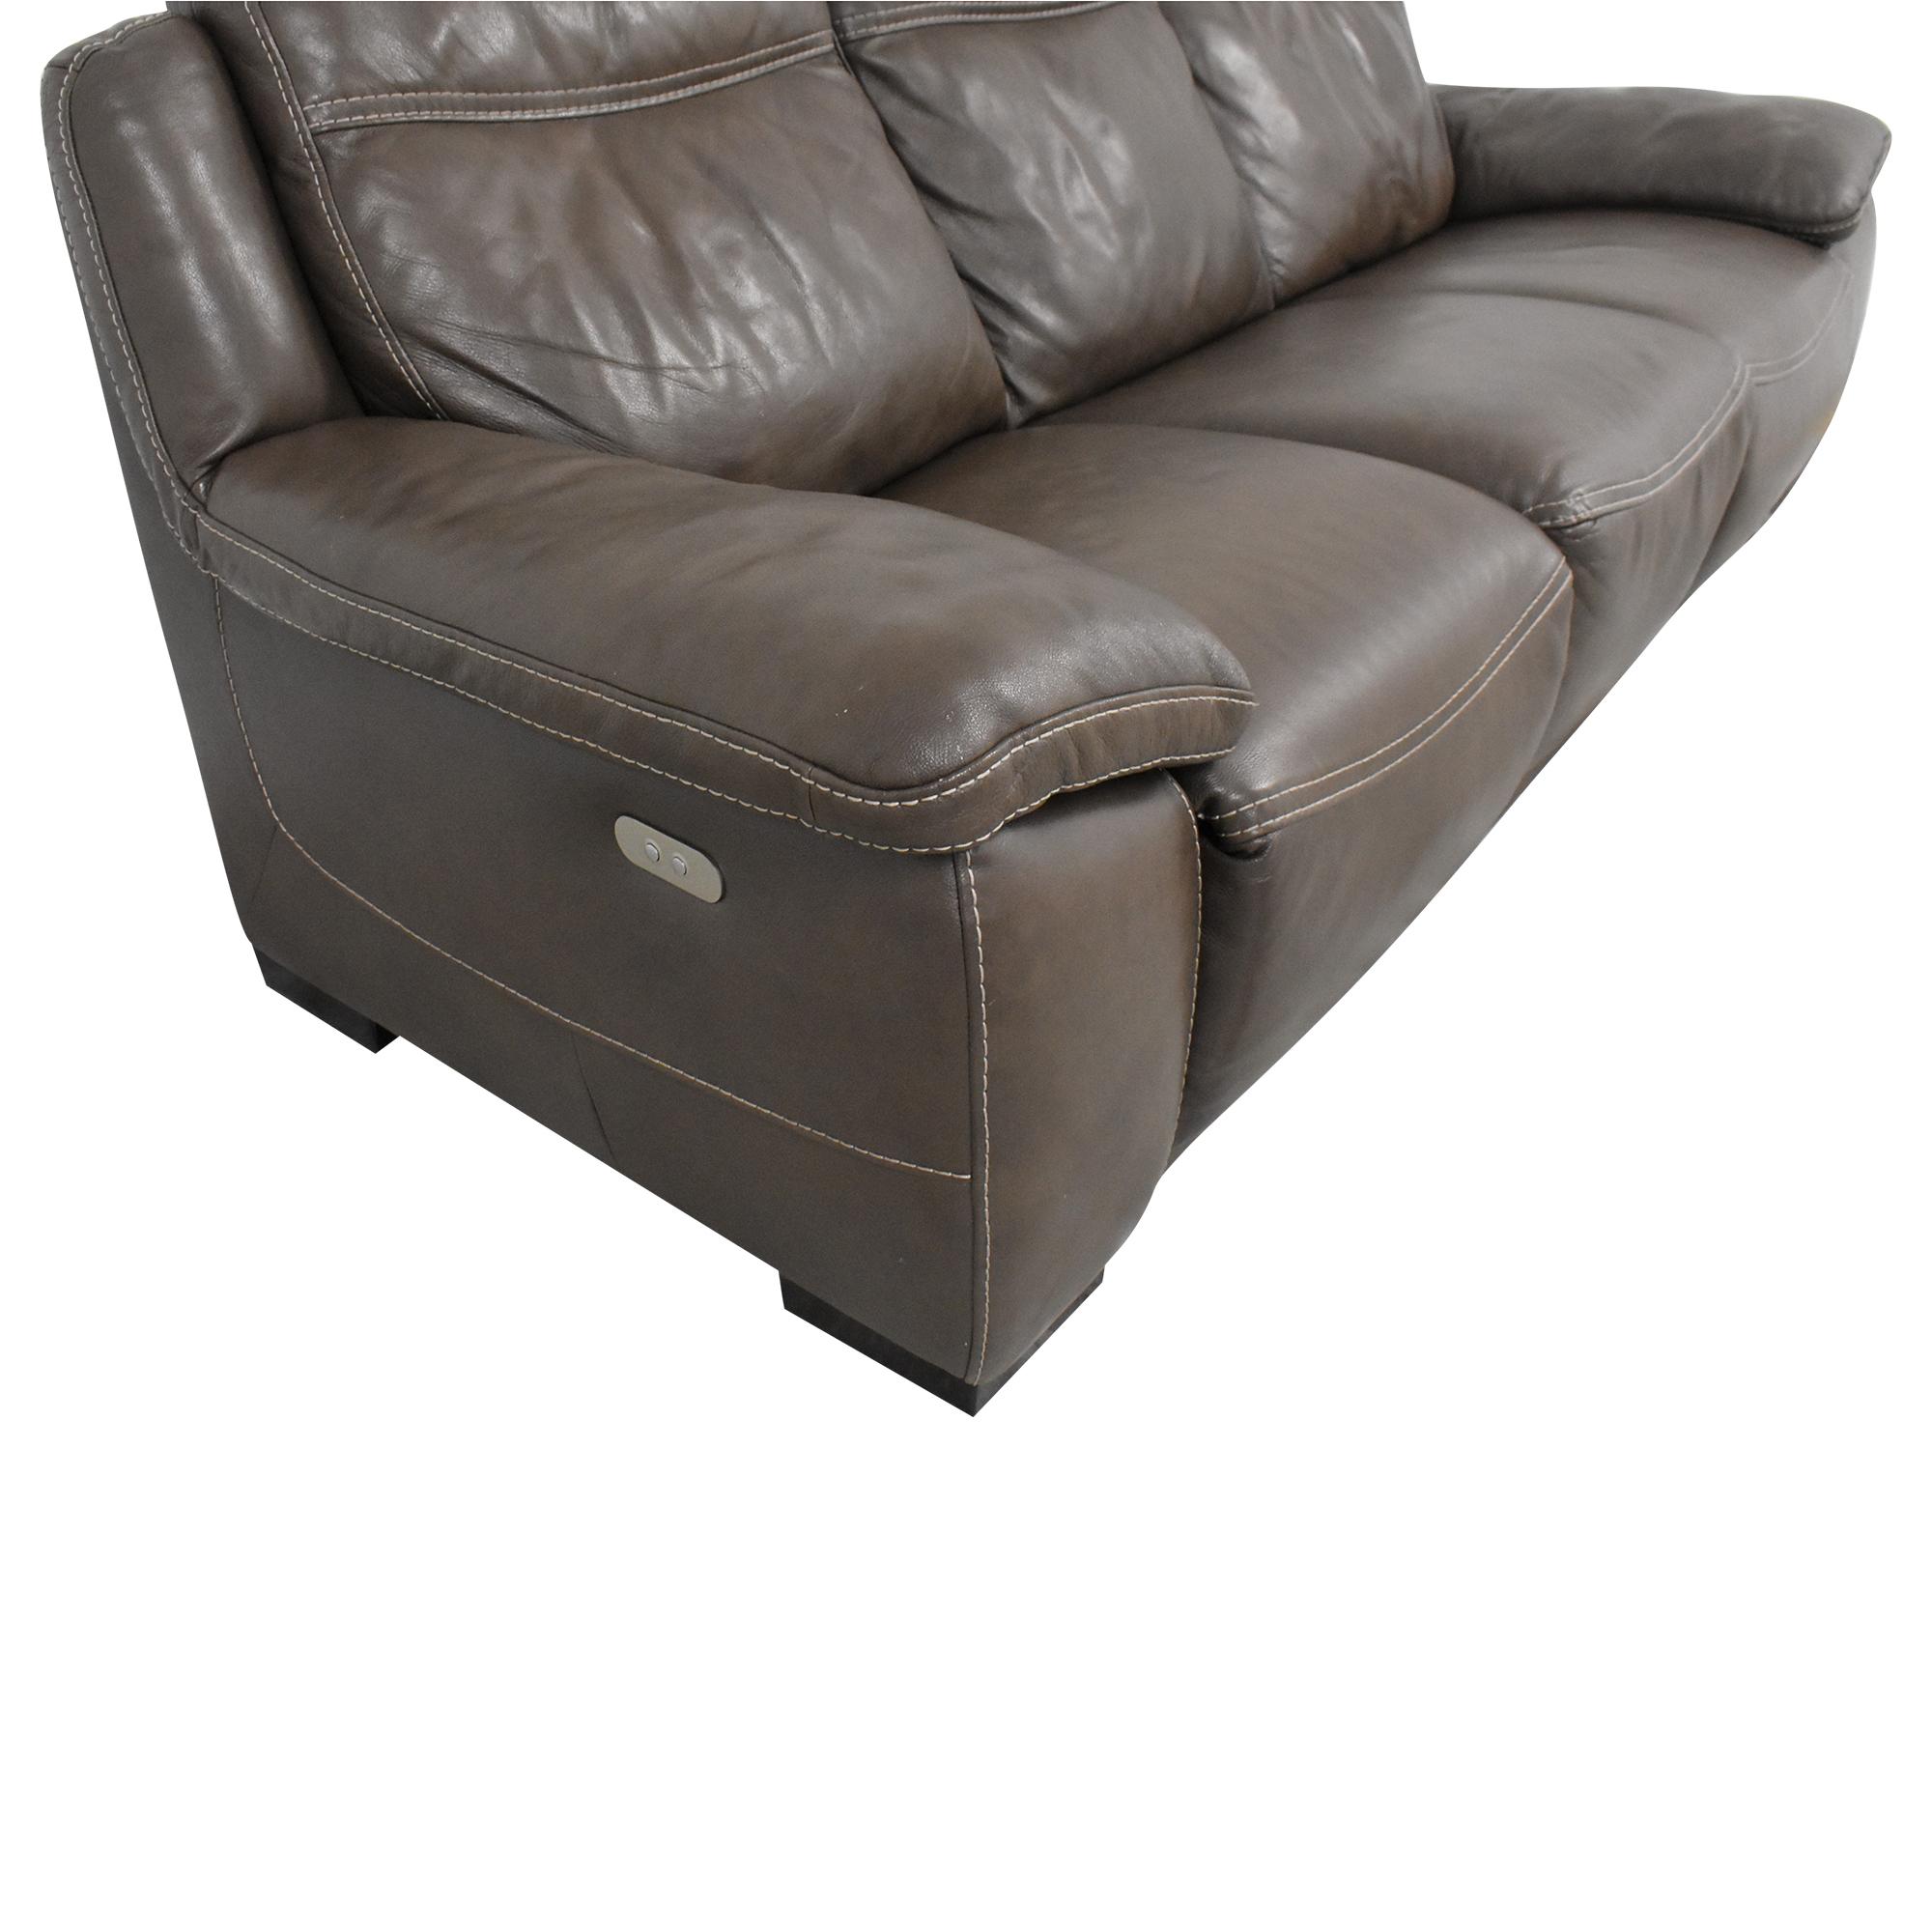 Natuzzi Natuzzi Three Cushion Reclining Sofa on sale